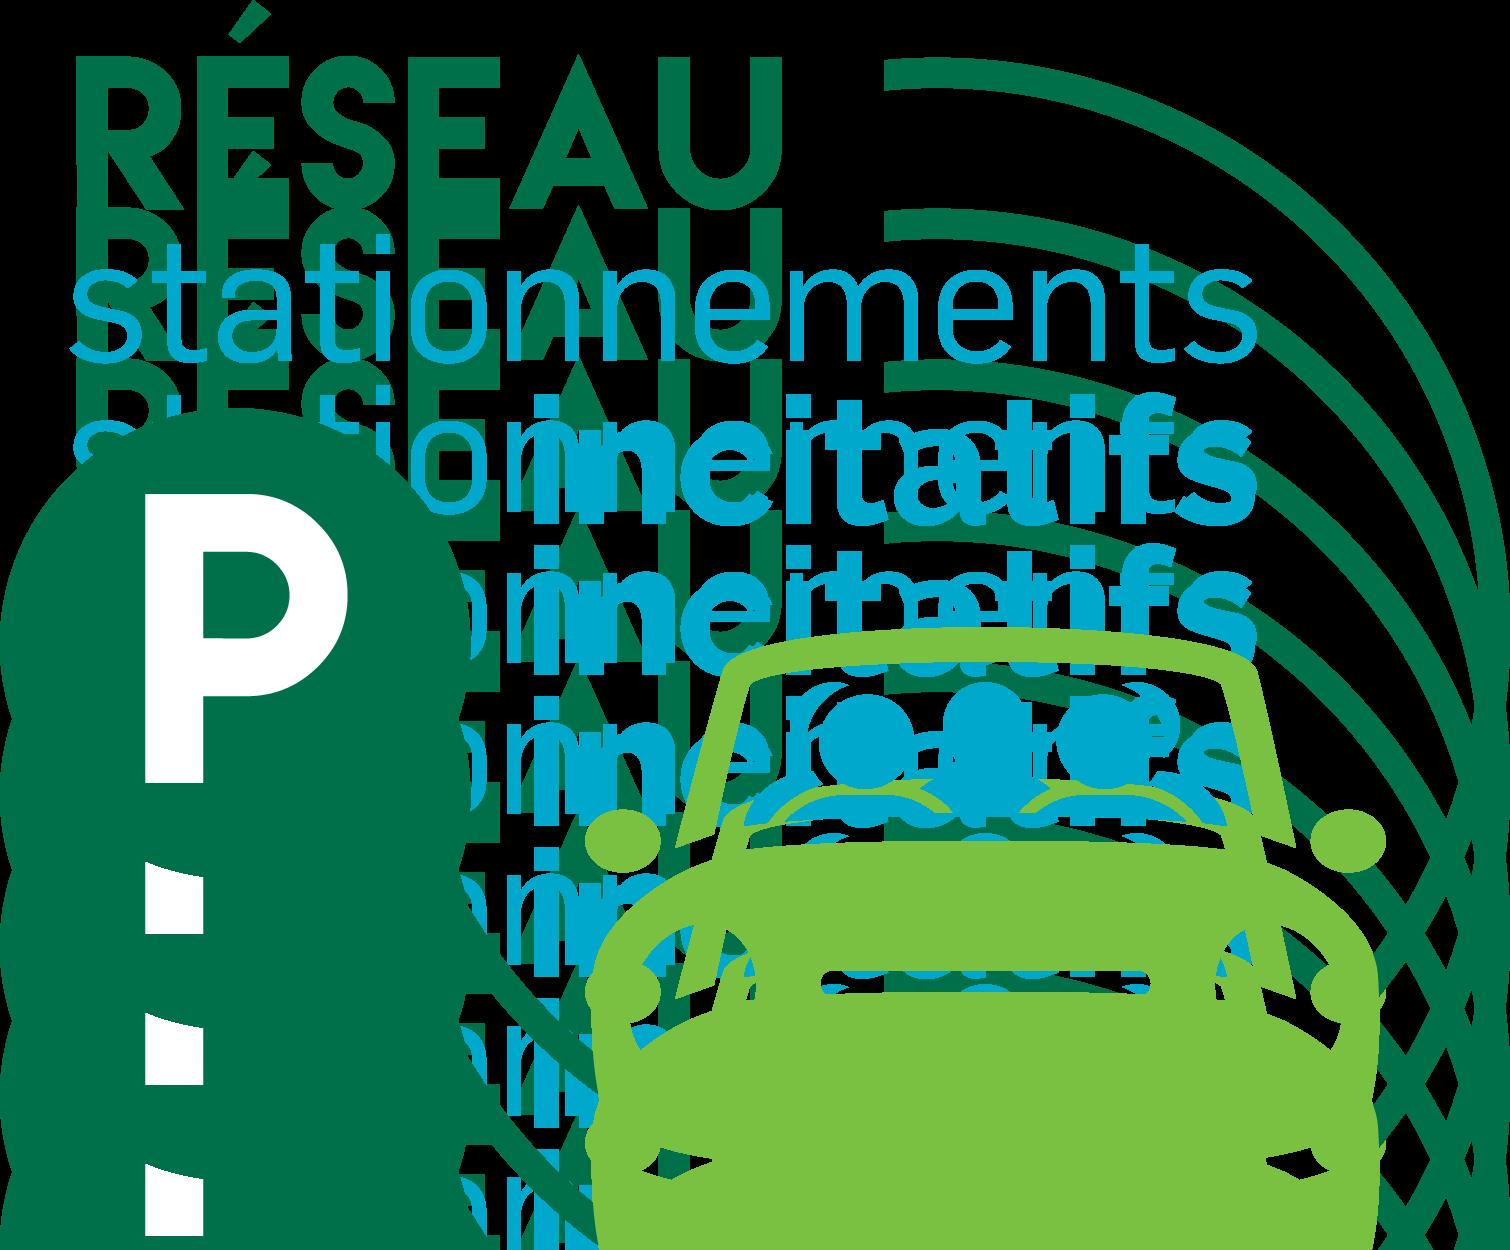 PROJET DE STATIONNEMENTS INCITATIFS